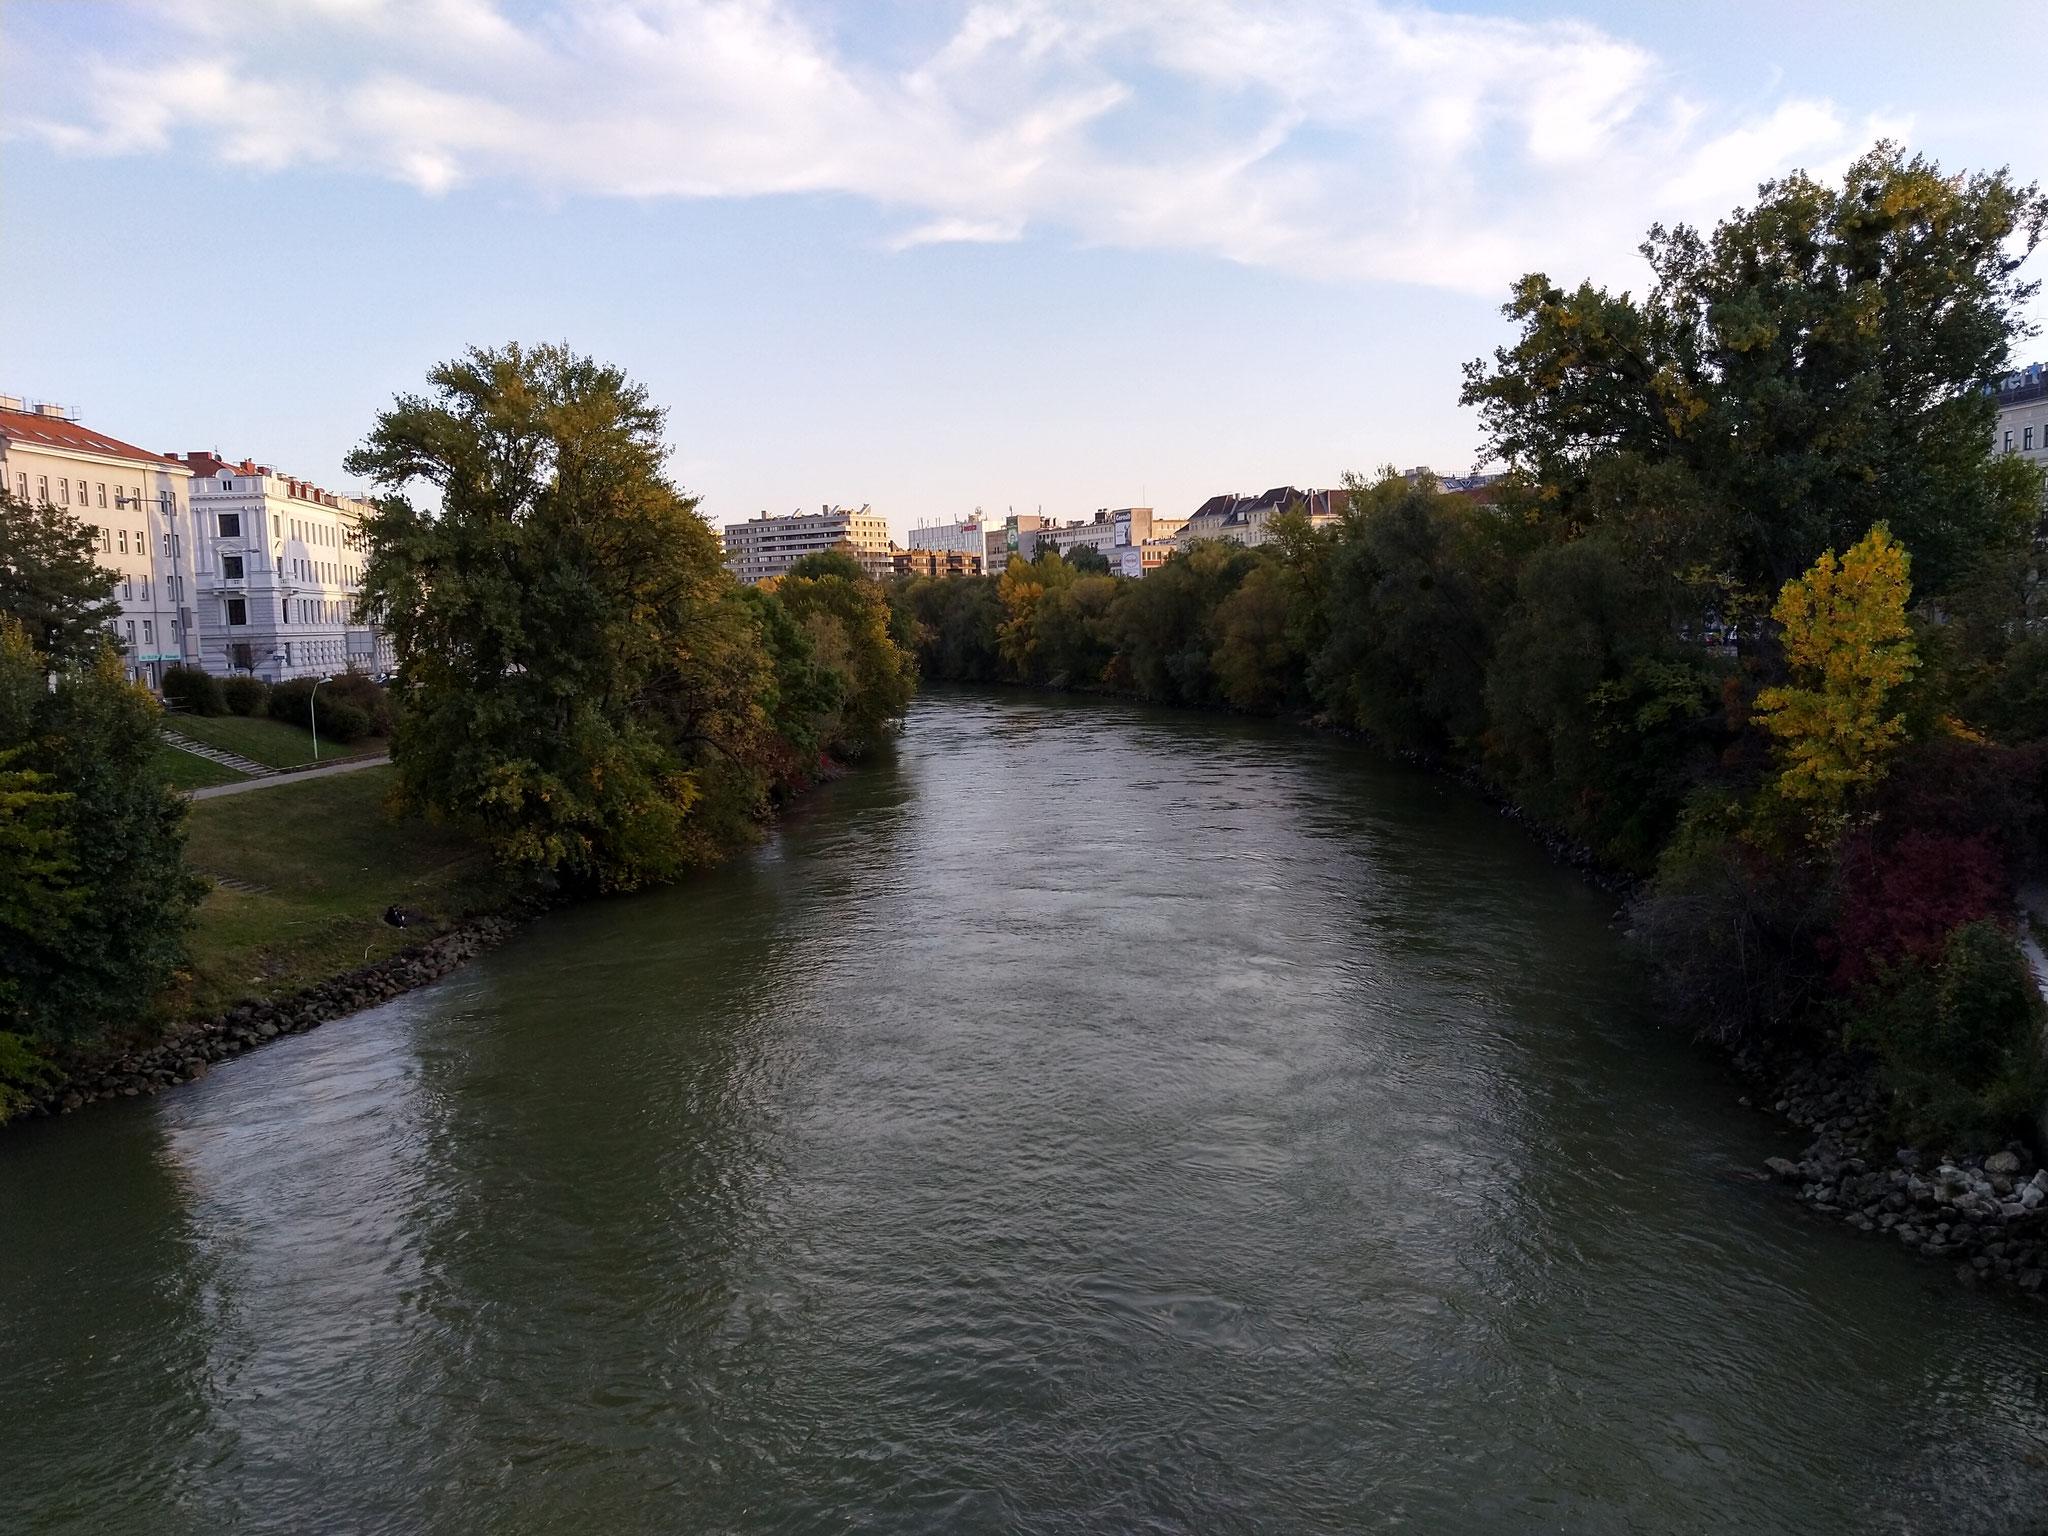 Giro Donaukanal in bici